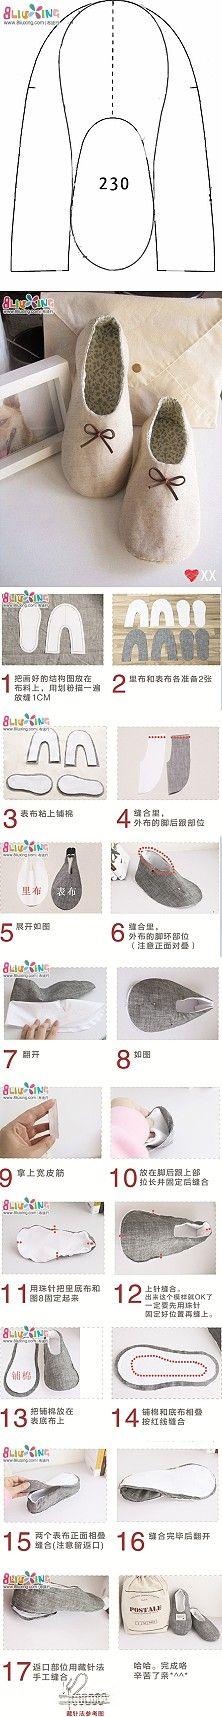 Métodos de produção domésticas sapatos